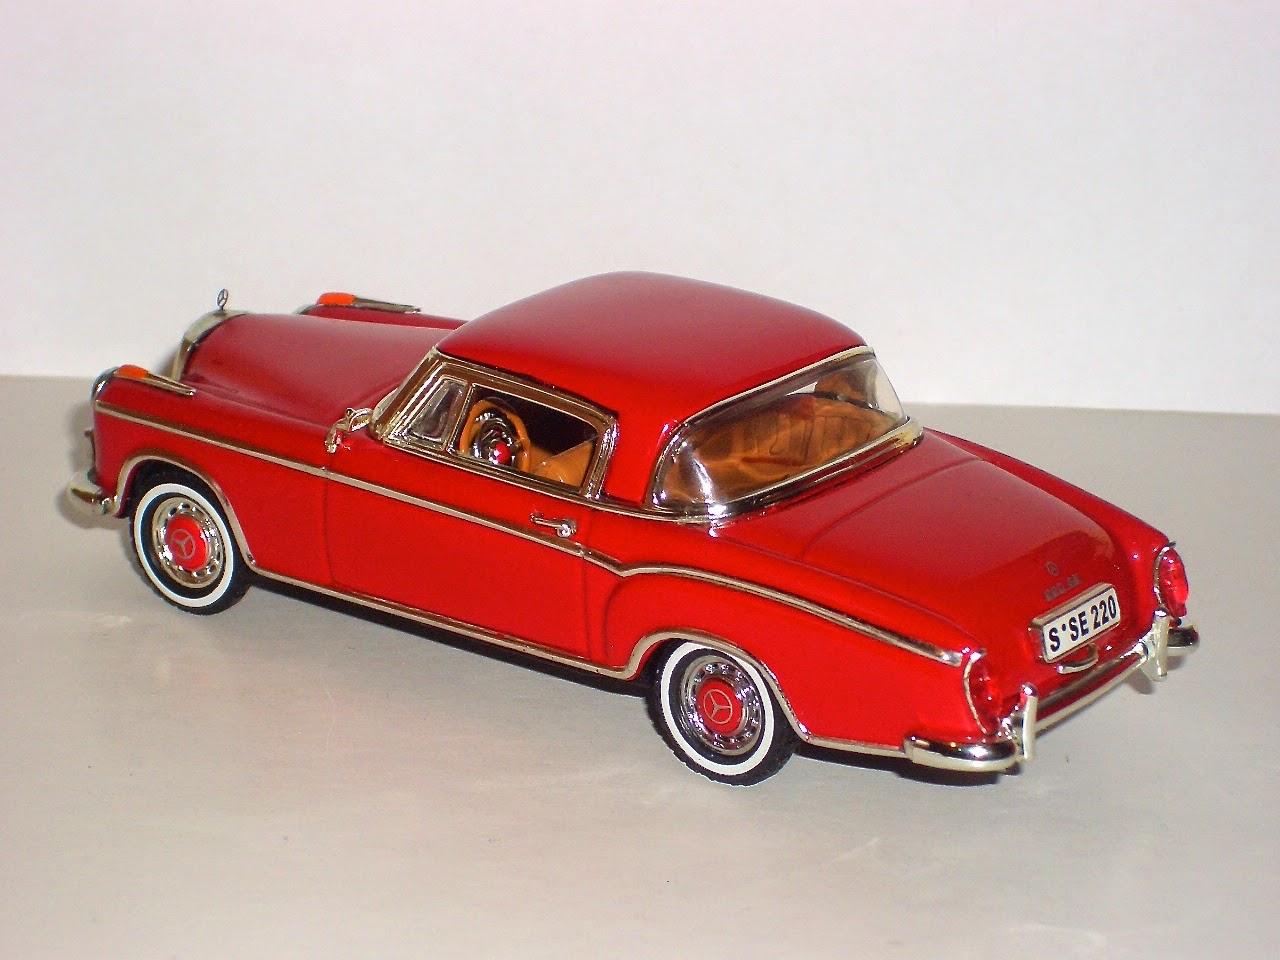 el kekom vil mercedes 220 se w128 39 coup cabriolet a. Black Bedroom Furniture Sets. Home Design Ideas